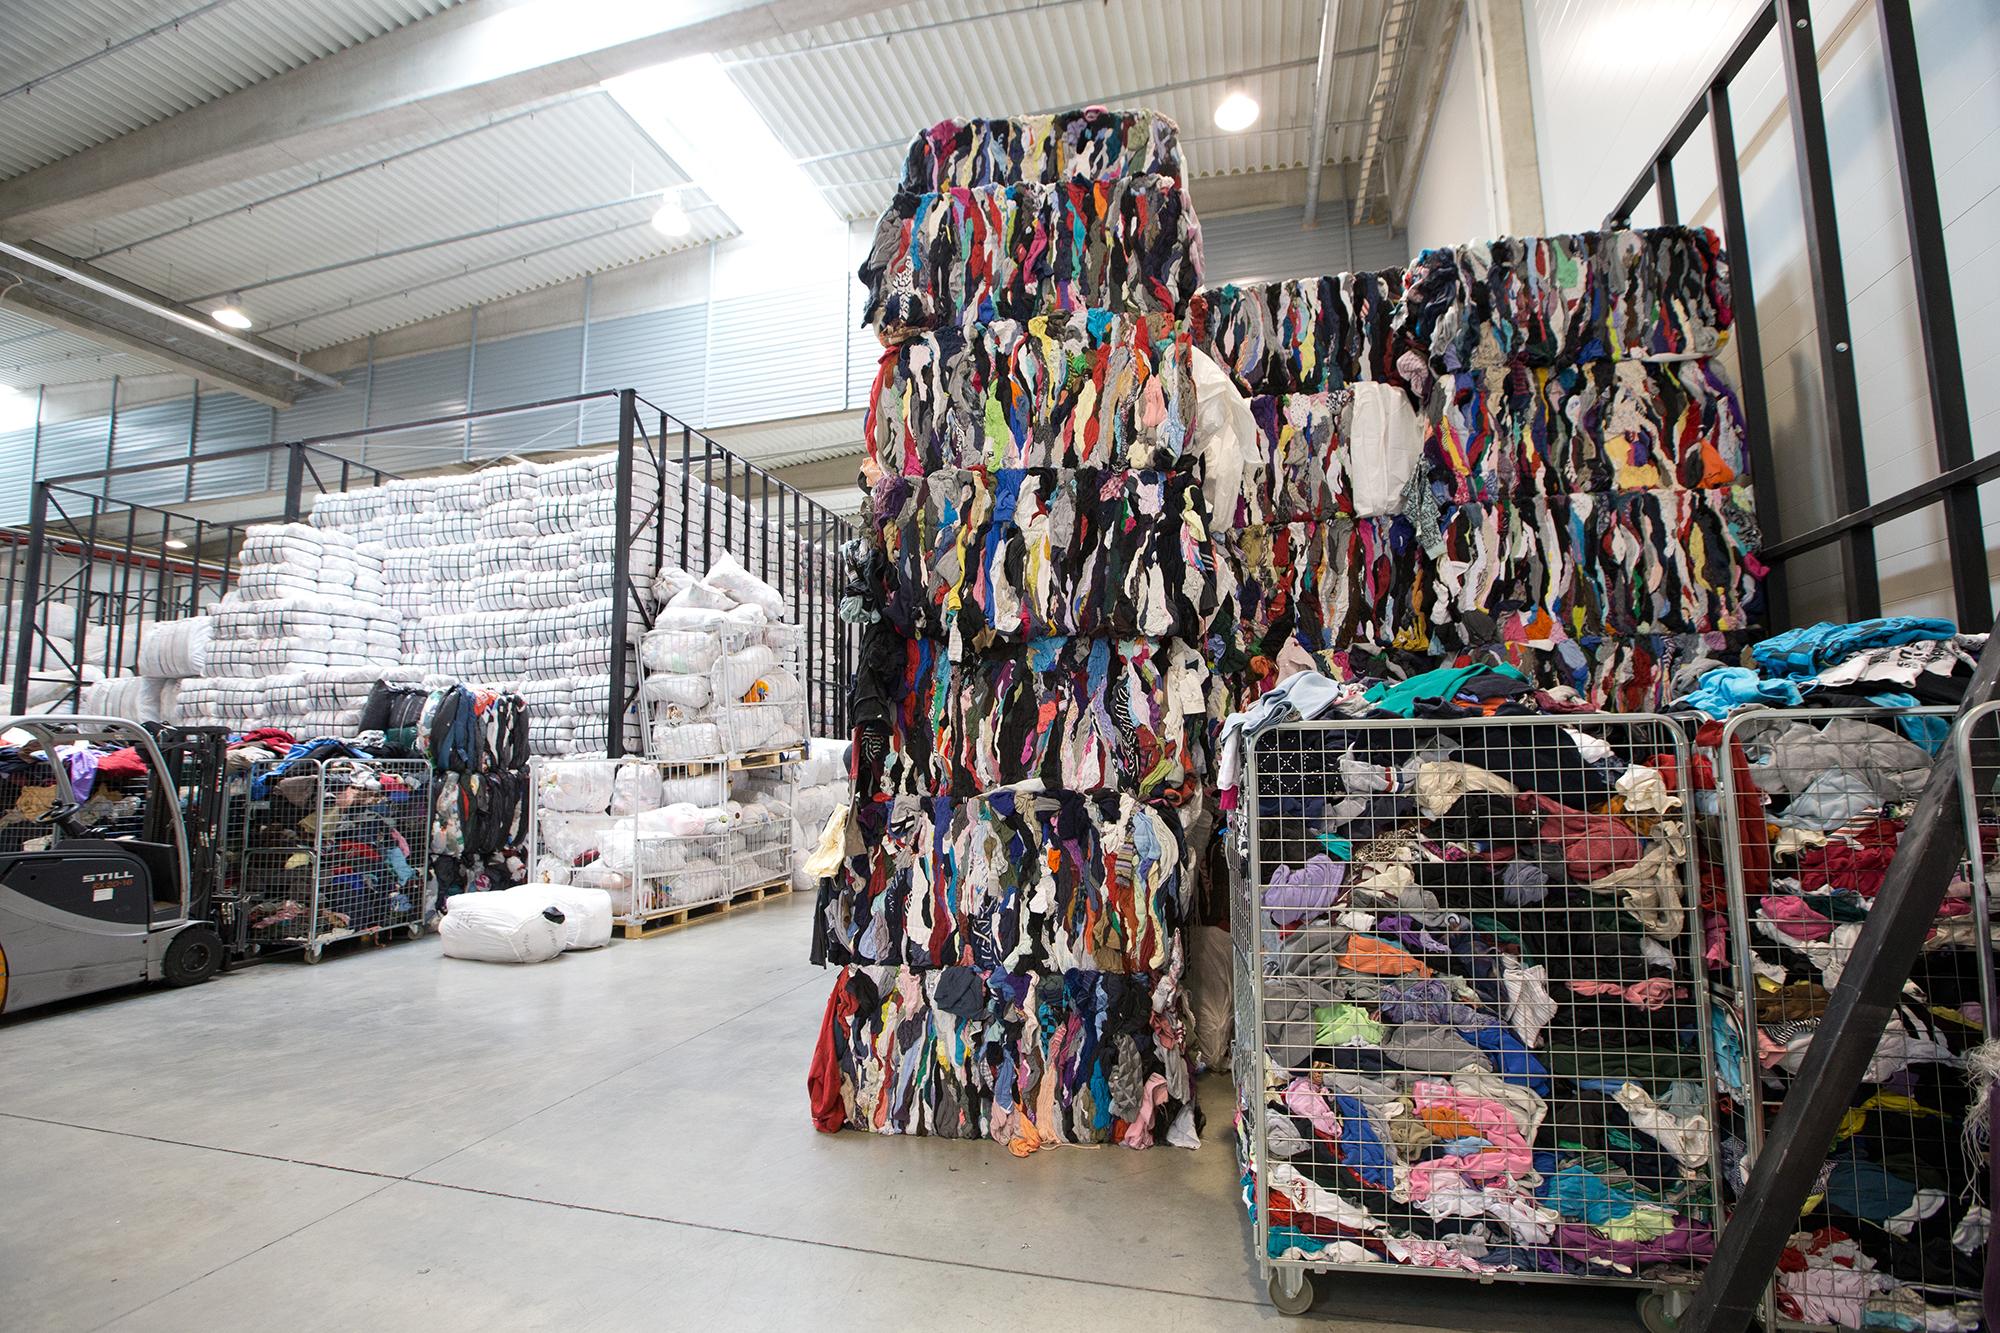 Humana sorteerimiskeskus Jälgimäel. Foto: Liis Treimann / Postimees